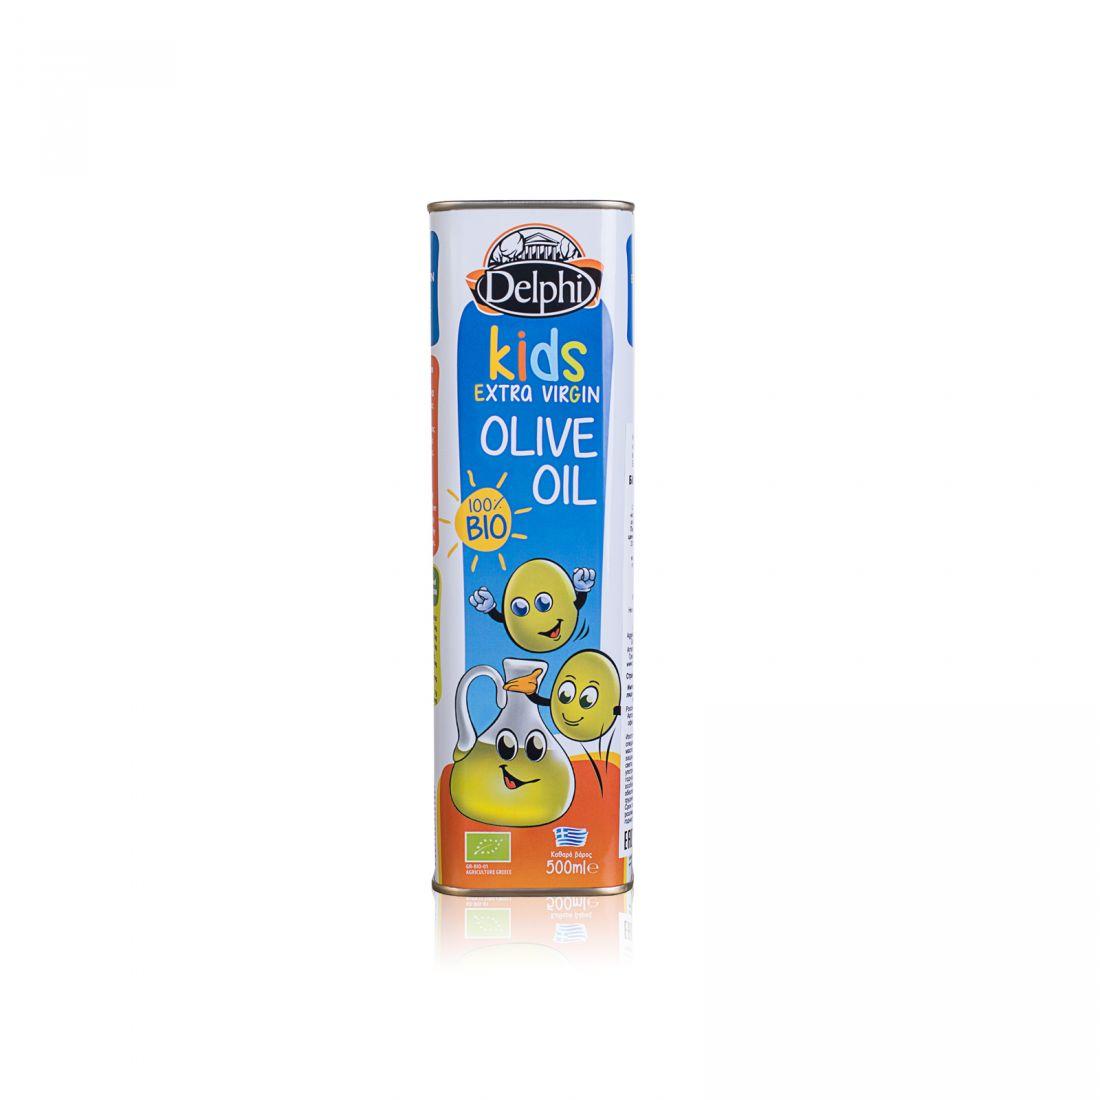 Оливковое масло для детей DELPHI  - 500 мл экстра вирджин